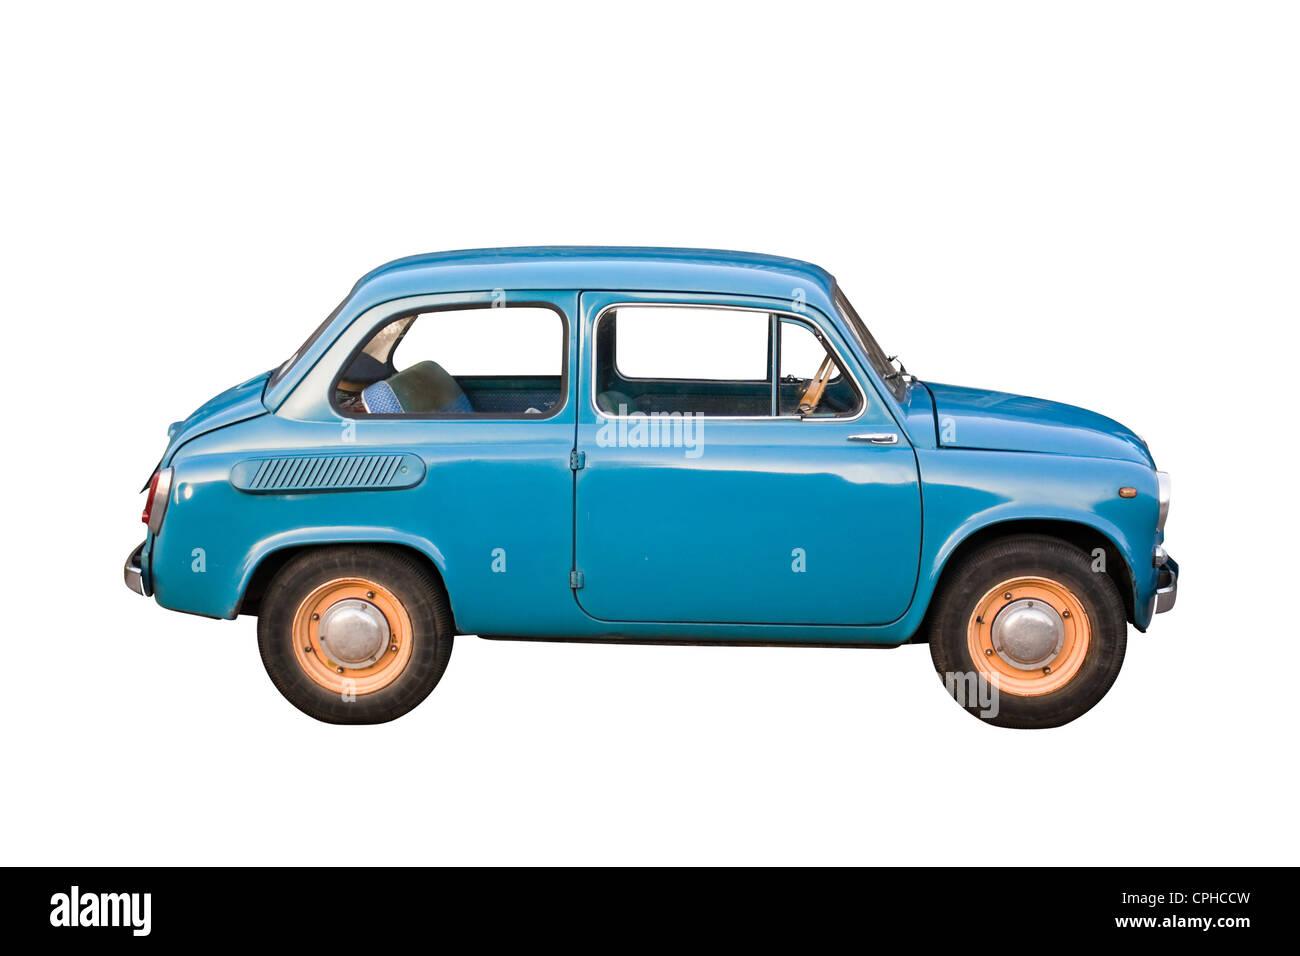 Blaue sowjetischen Oldtimer Kleinwagen isoliert auf weißem Hintergrund Stockbild